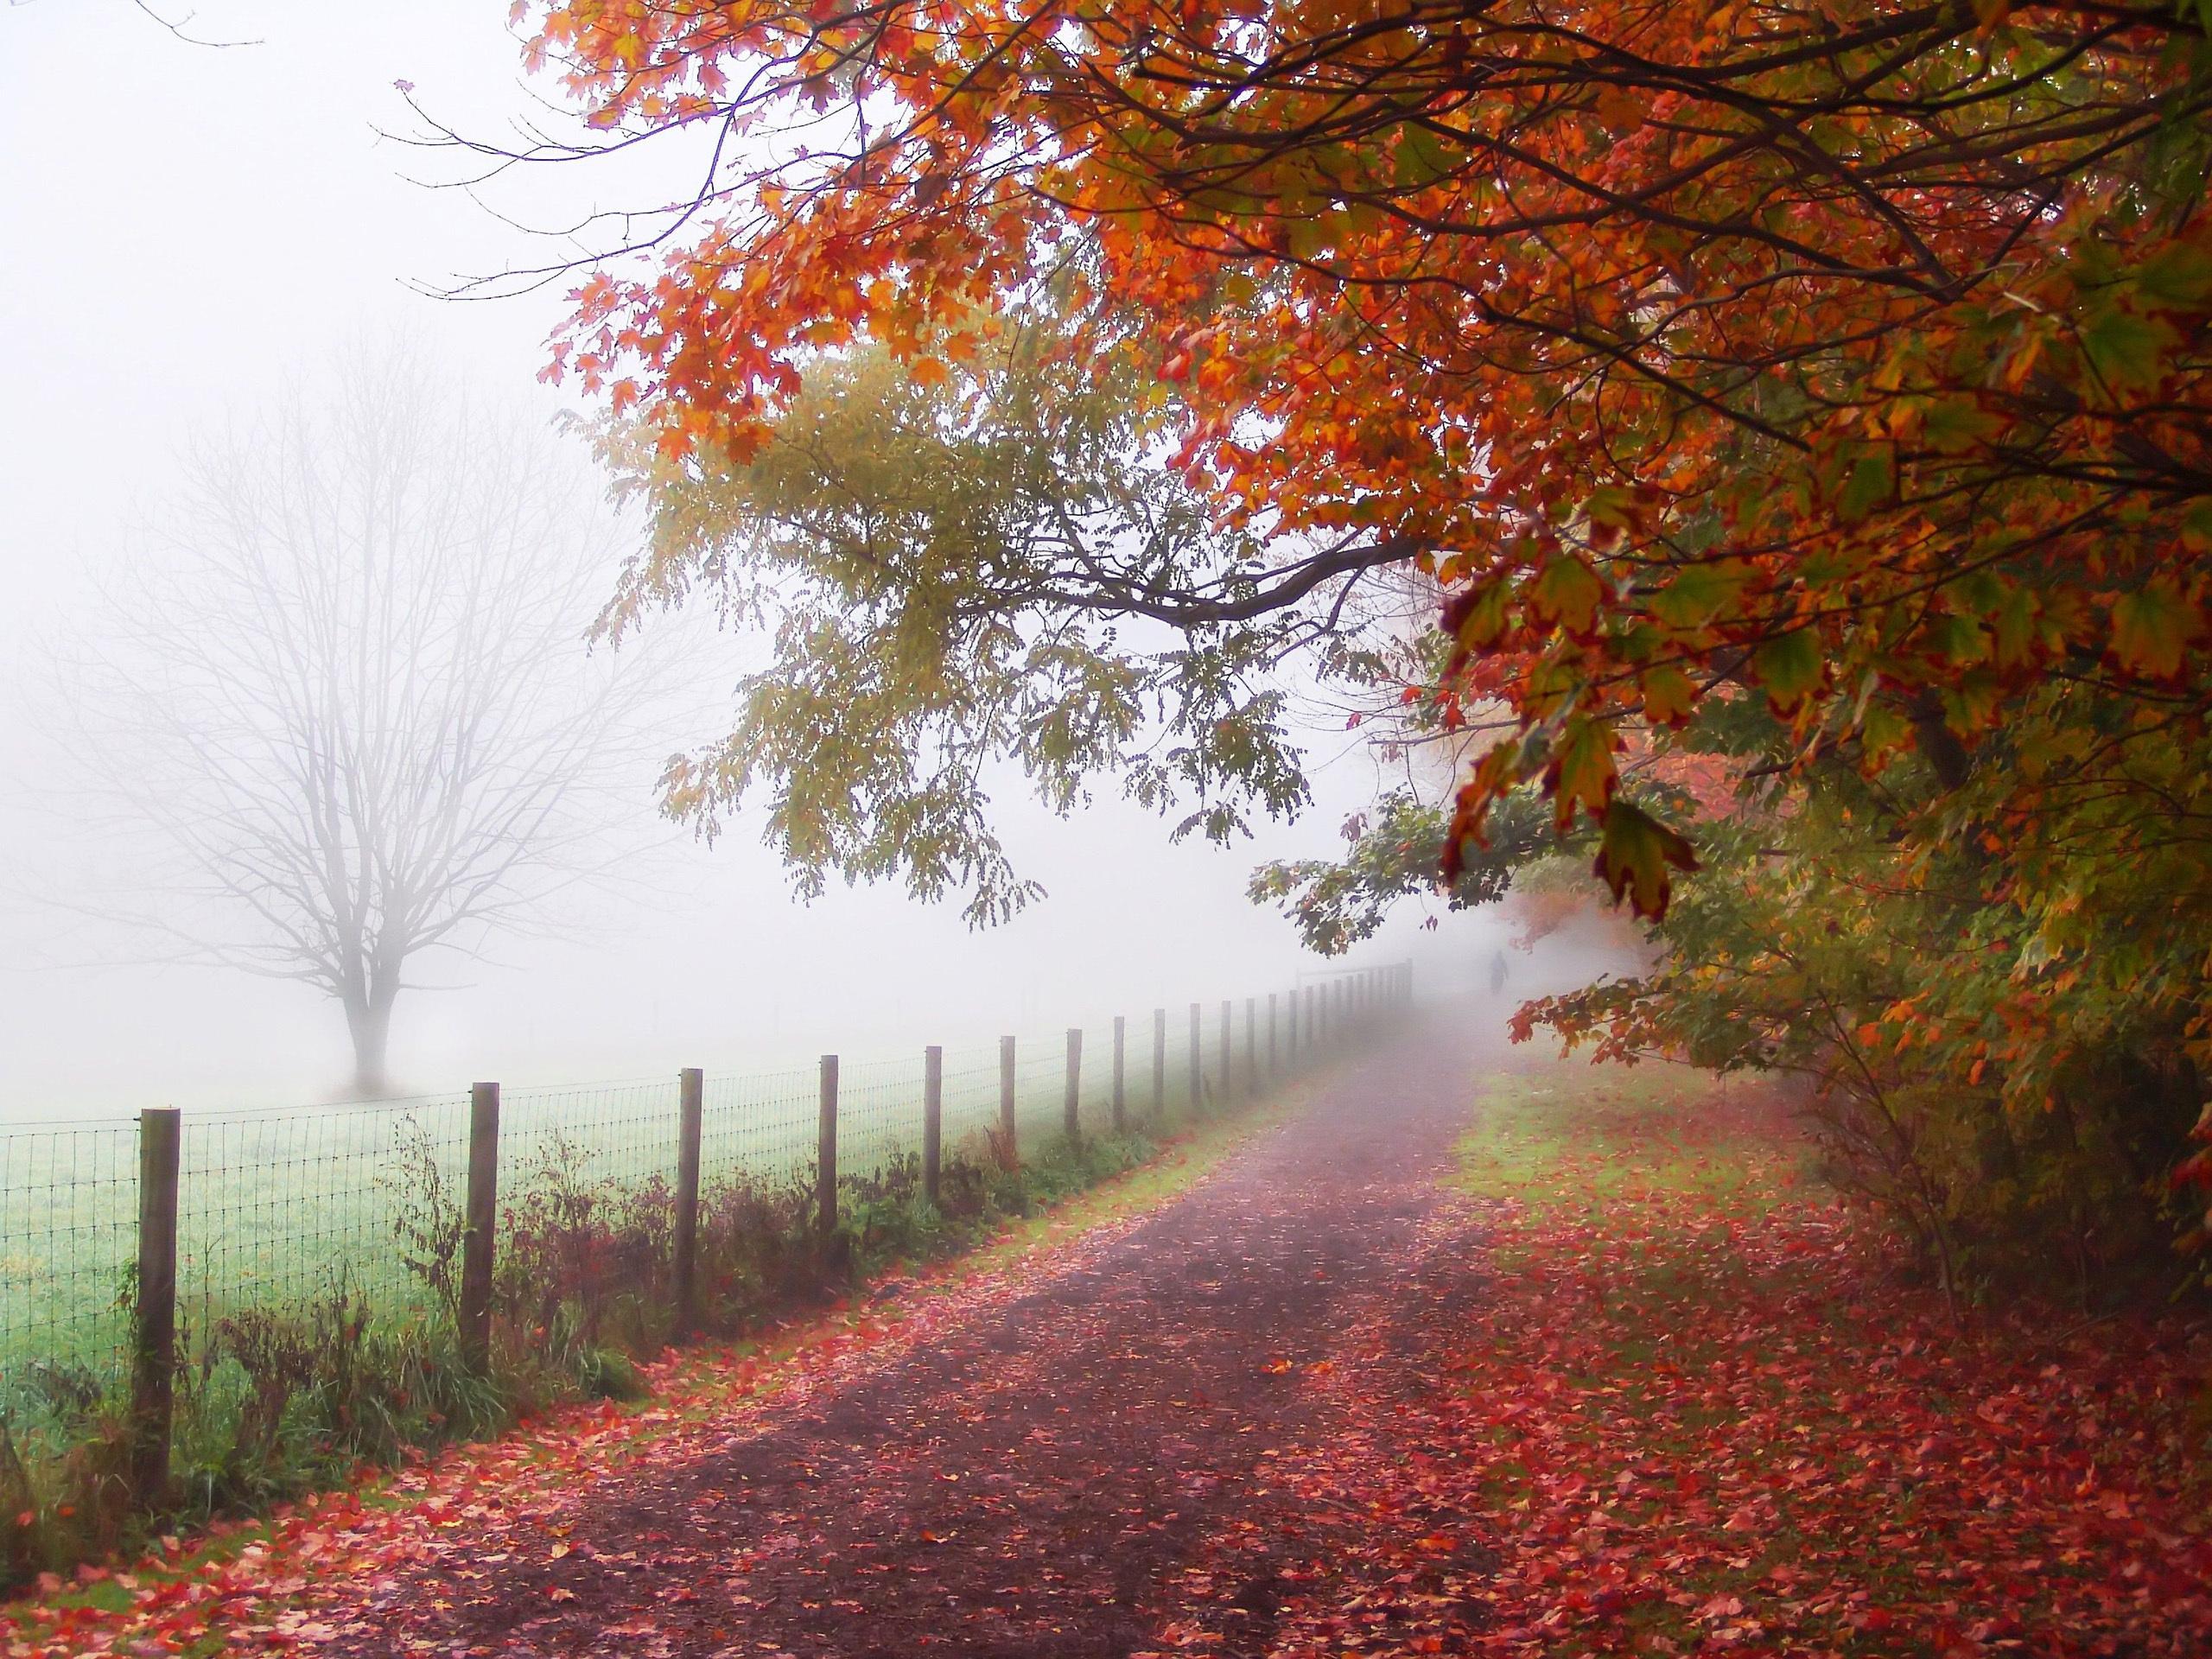 20694 скачать обои Пейзаж, Деревья, Дороги, Осень - заставки и картинки бесплатно